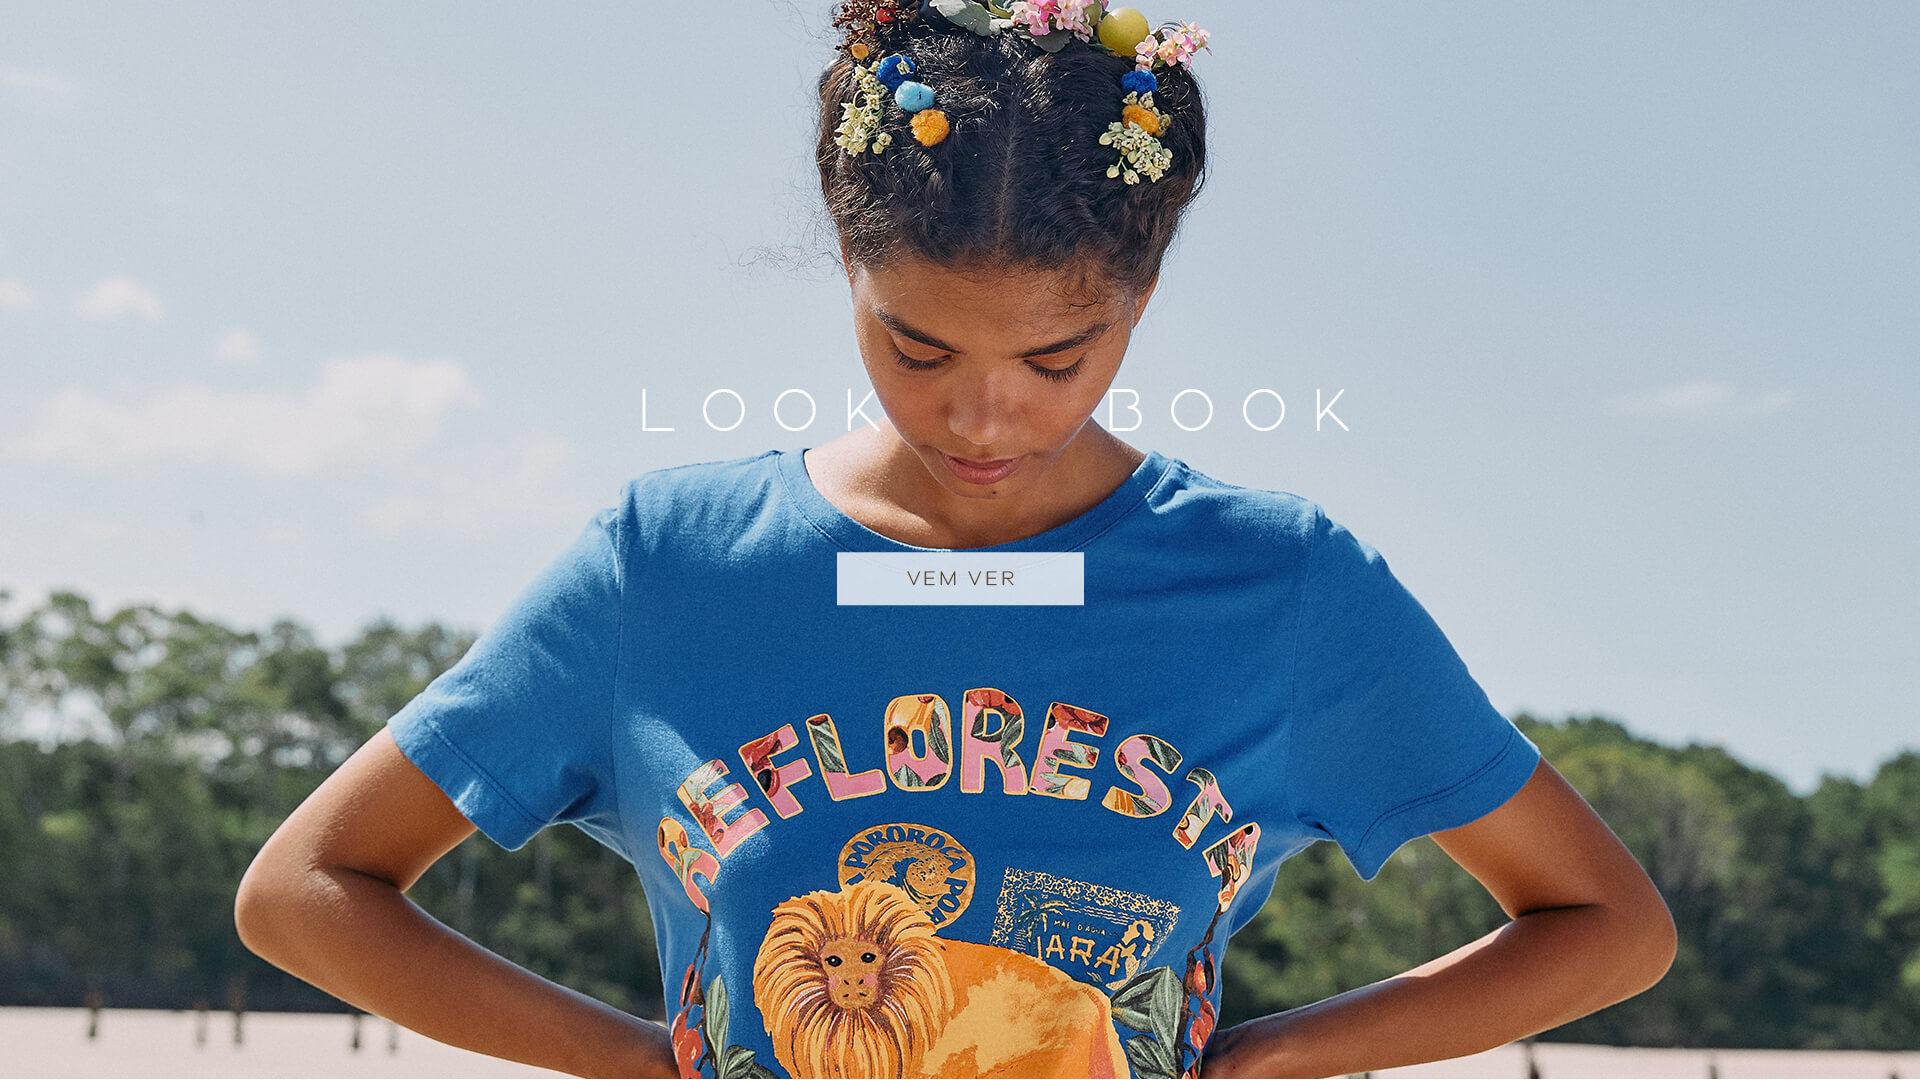 Banner simples - Lookbook 23-02